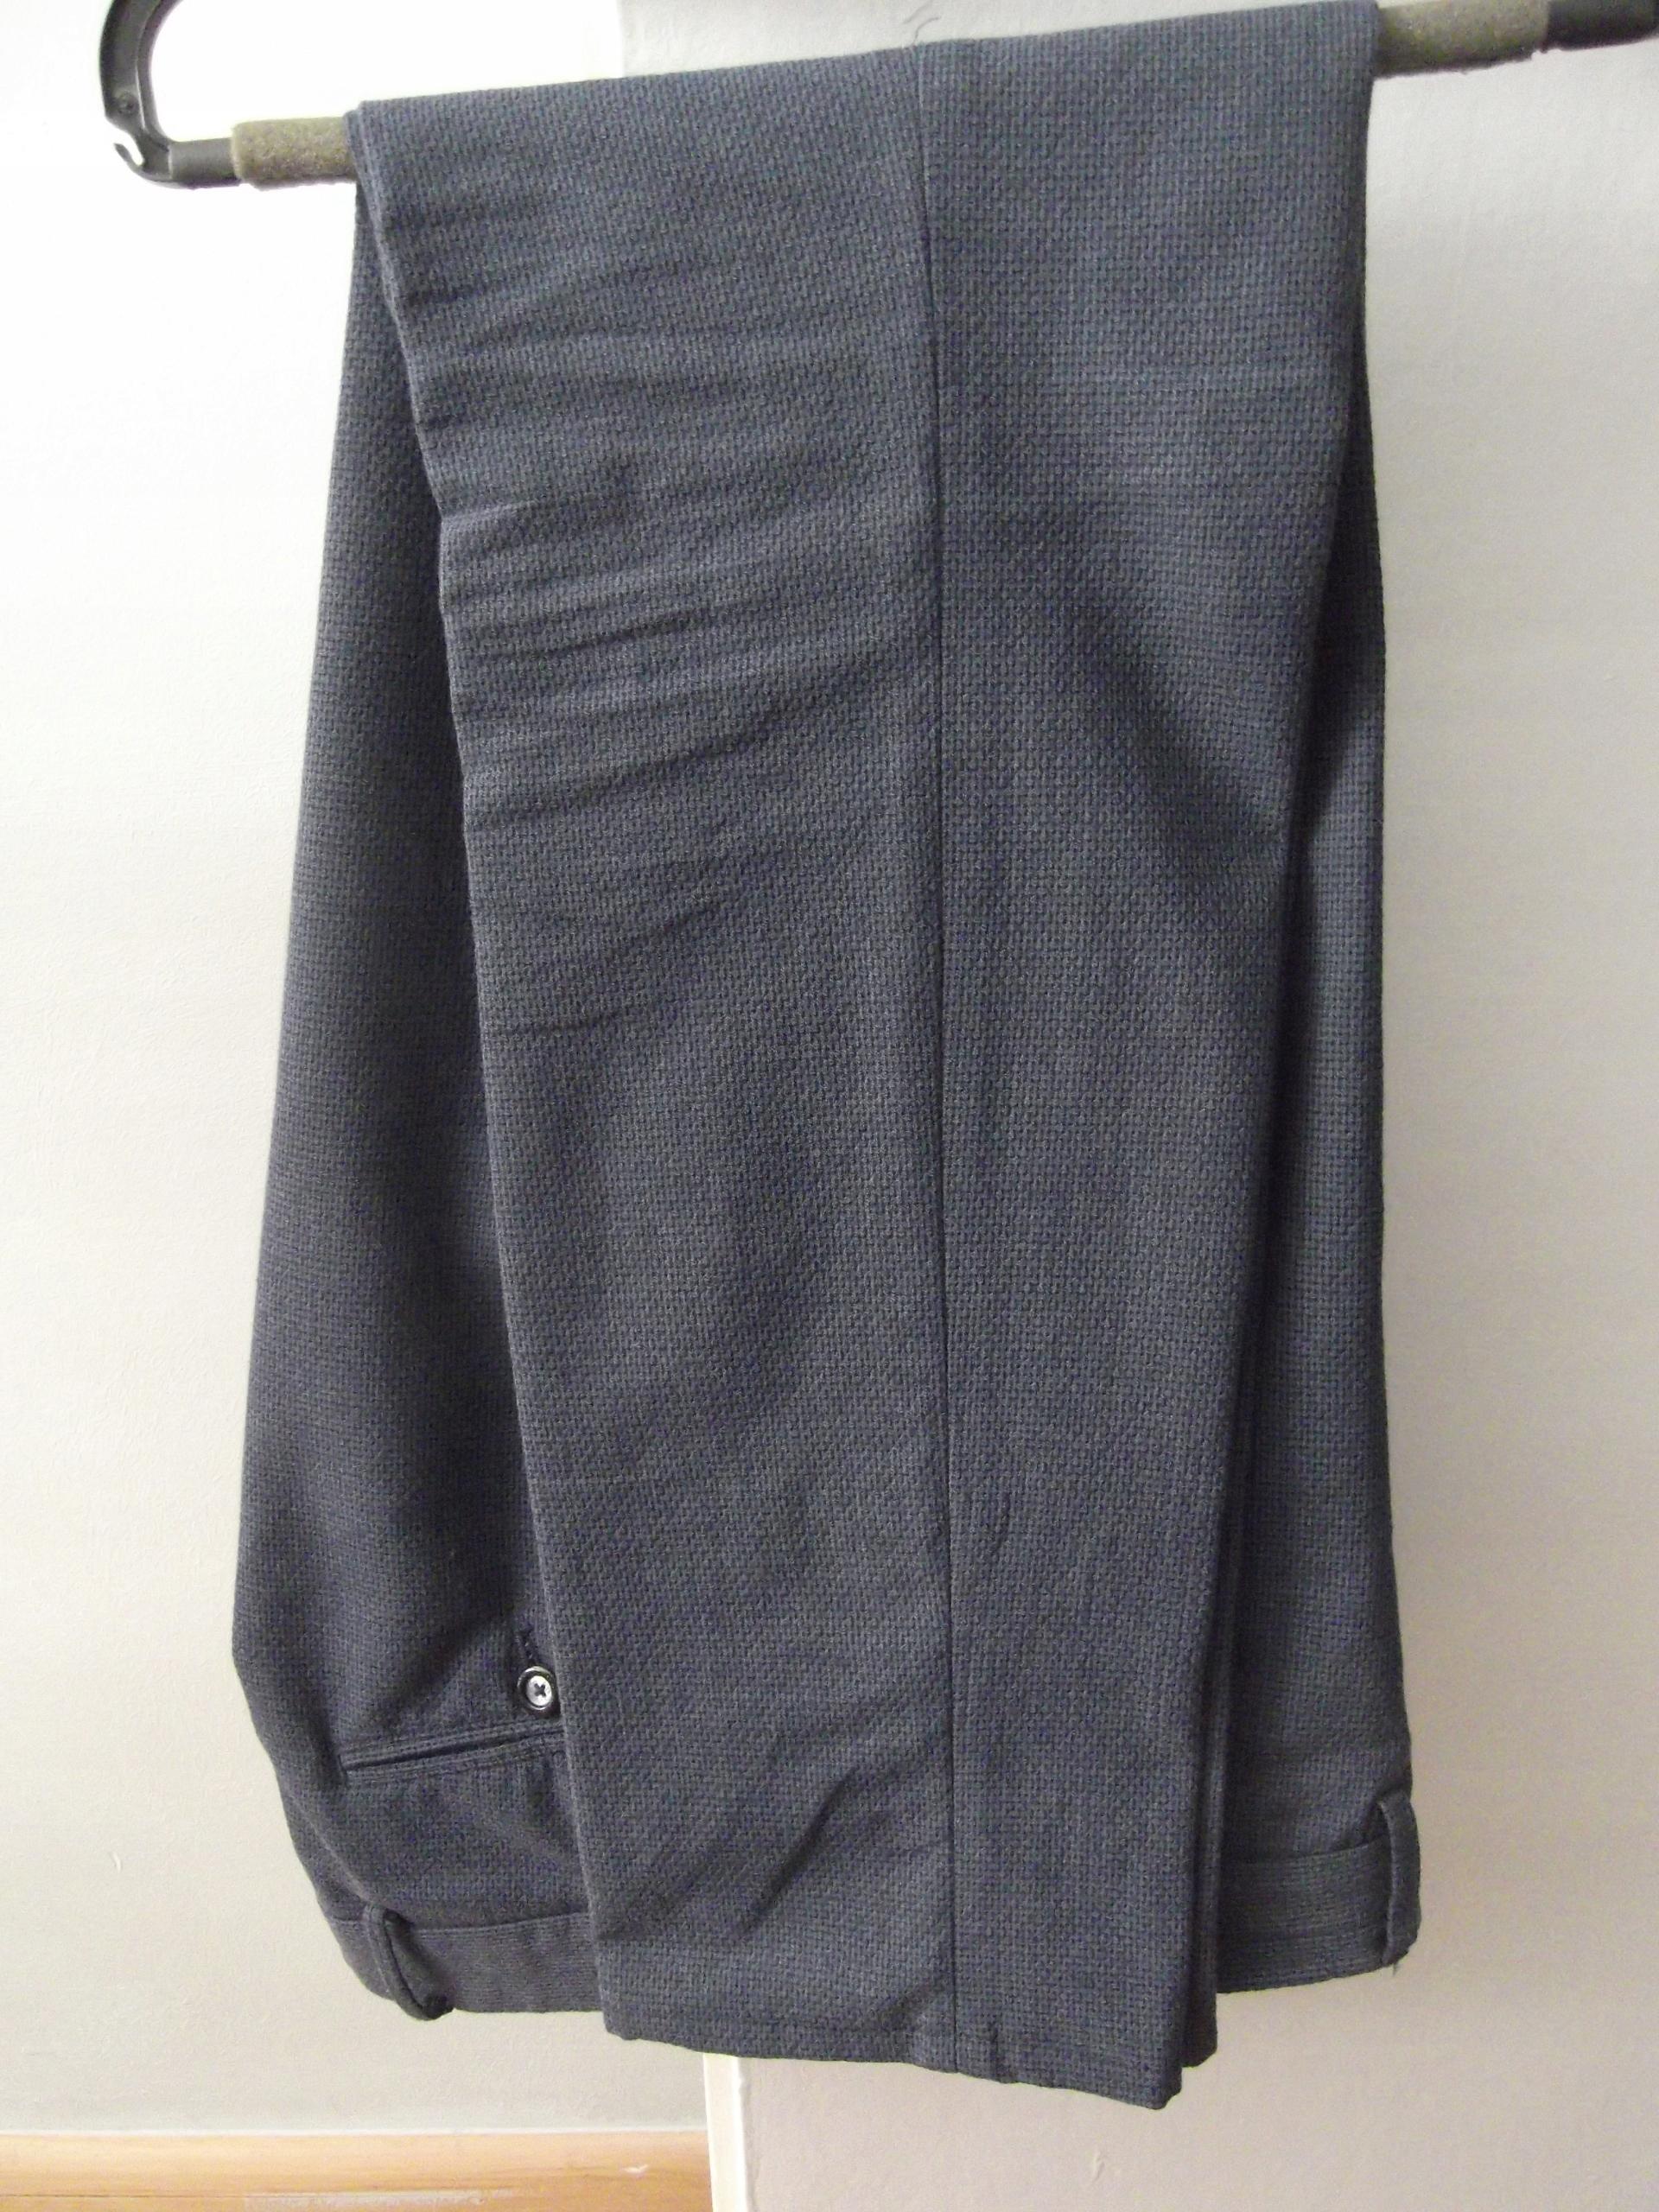 Spodnie męskie chino Massimo Dutti rozmiar 42